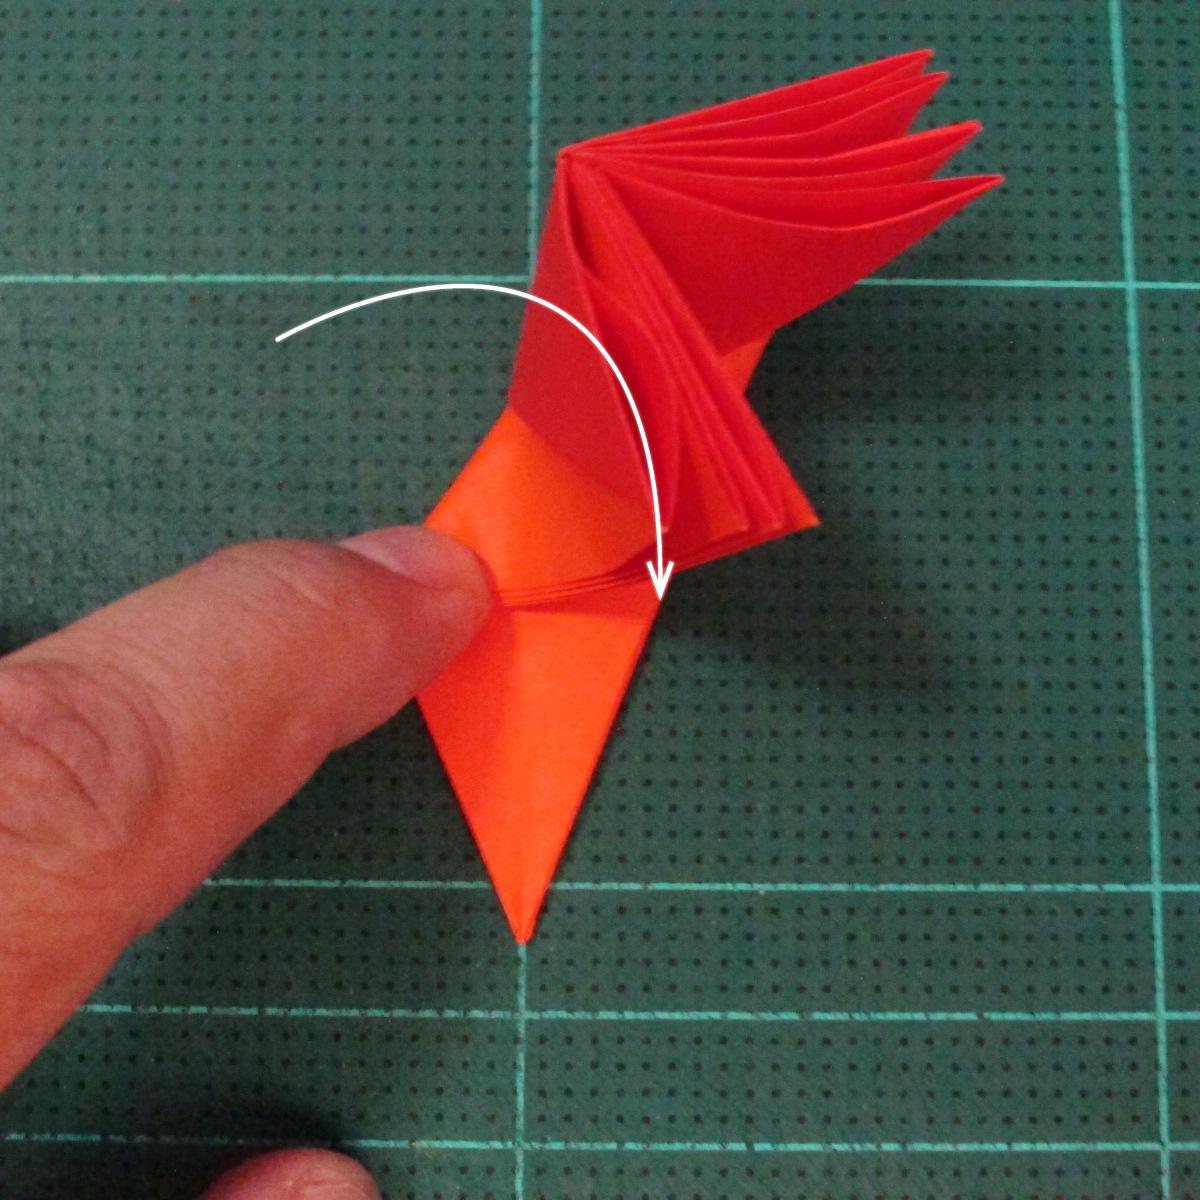 วิธีพับกระดาษเป็นช่อดอกไม้ติดอกเสื้อ (Origami Wedding Chest Flower) 015